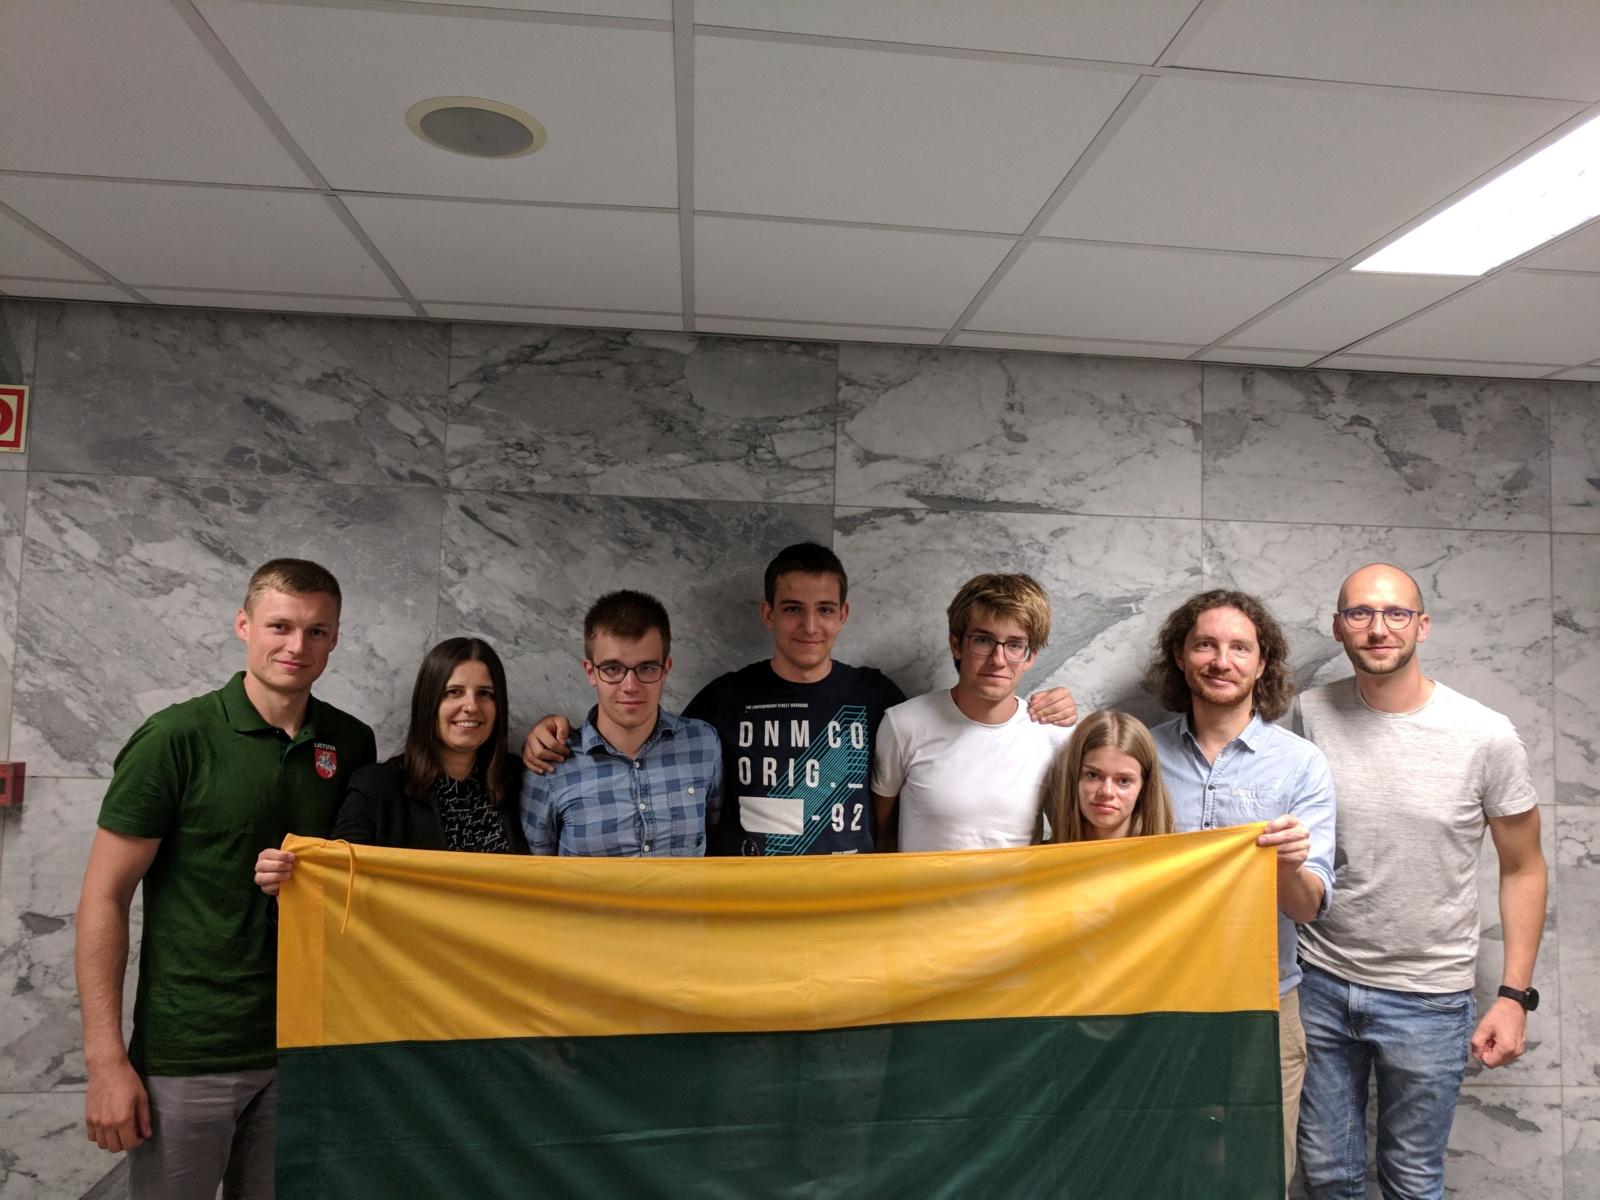 Tarptautinėje biologijos olimpiadoje Lietuvos komanda iškovojo aukso,  bronzos medalius ir pagyrimo raštą